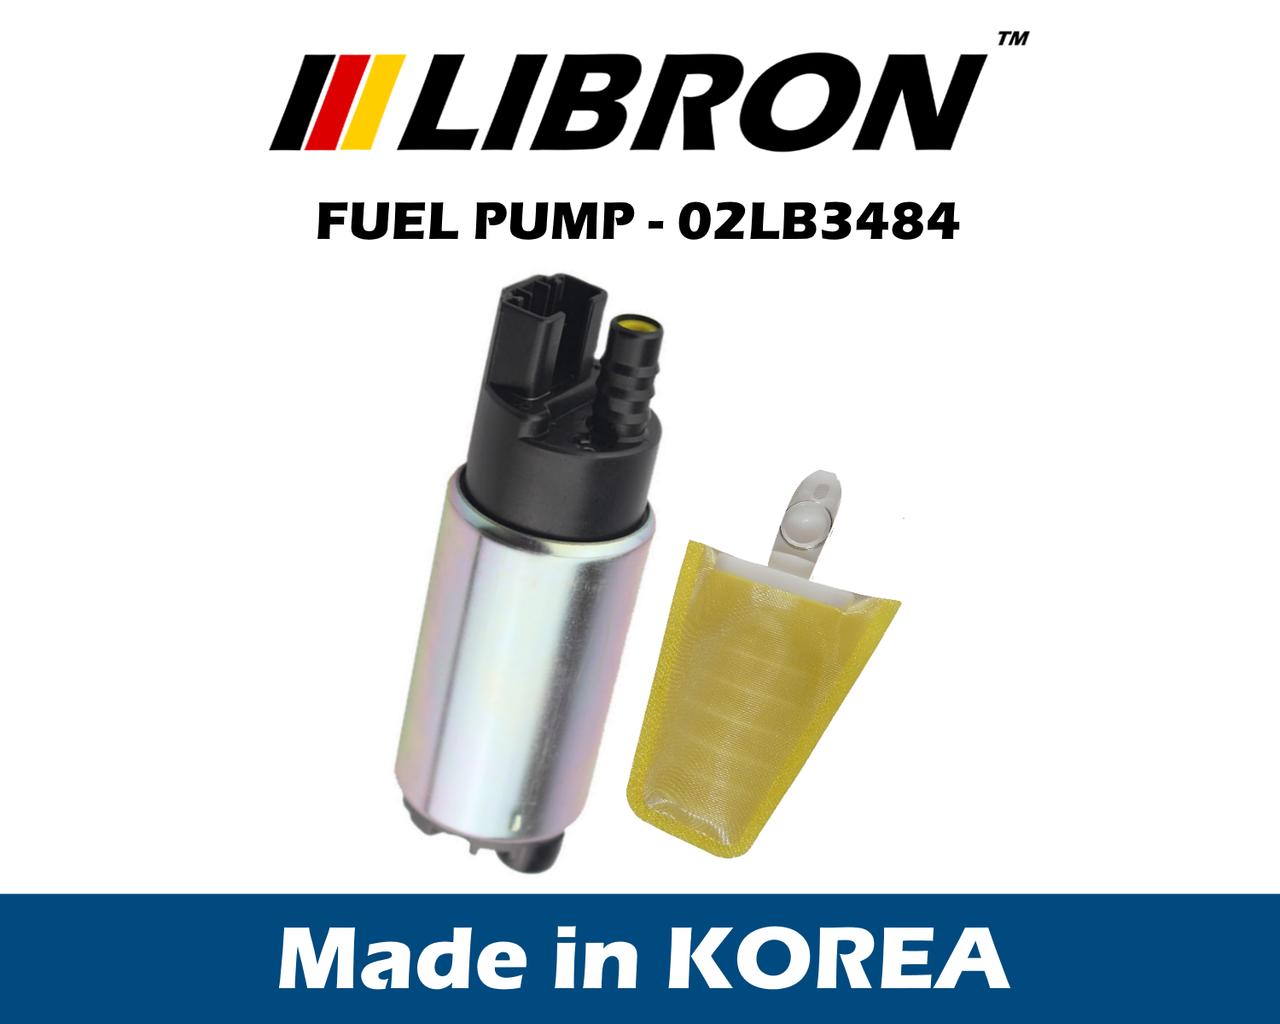 Топливный насос LIBRON 02LB3484 - Сузуки Балено Наклонная задняя часть